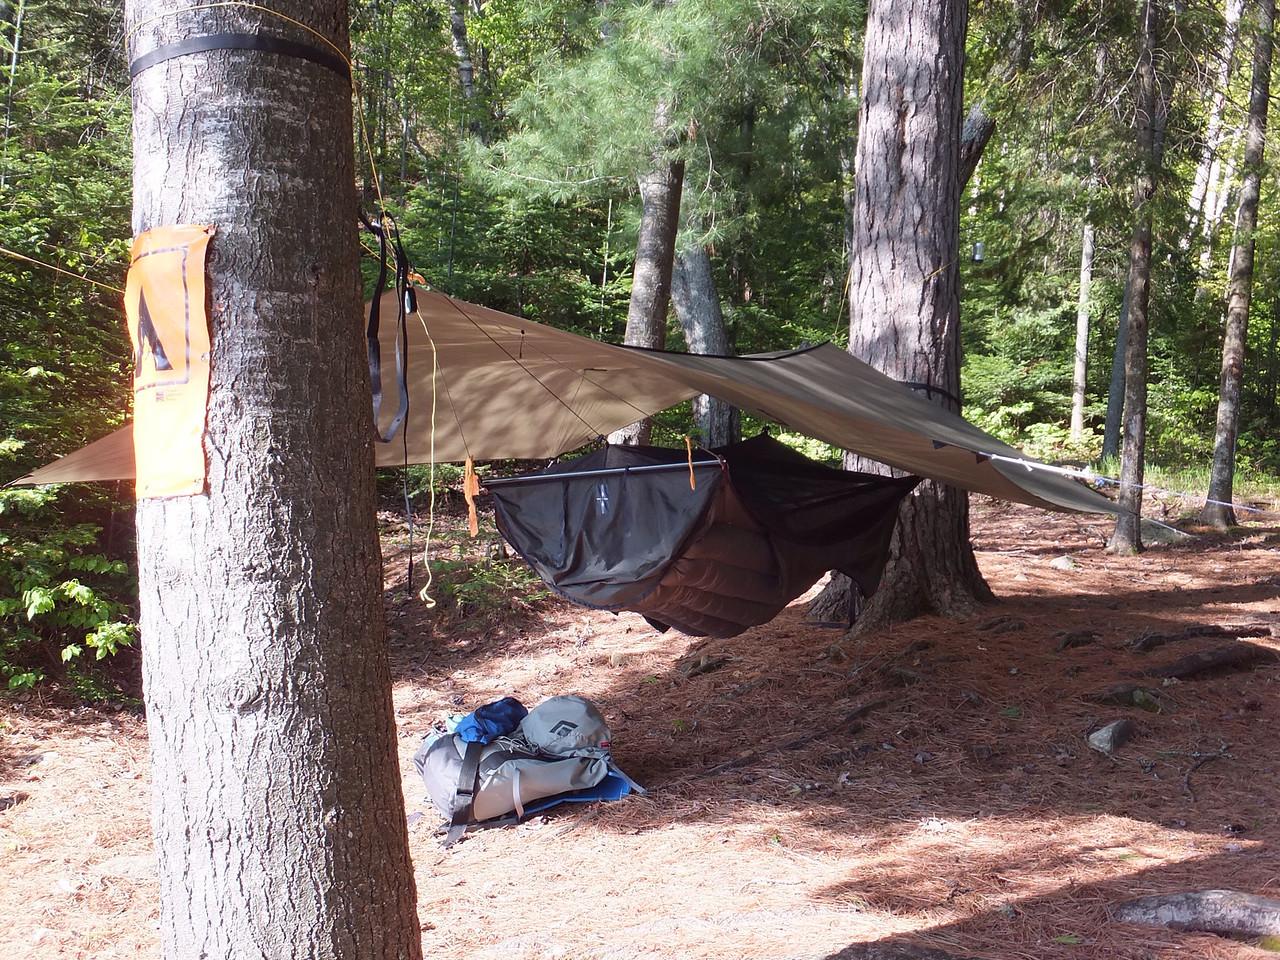 Hammock and tarp